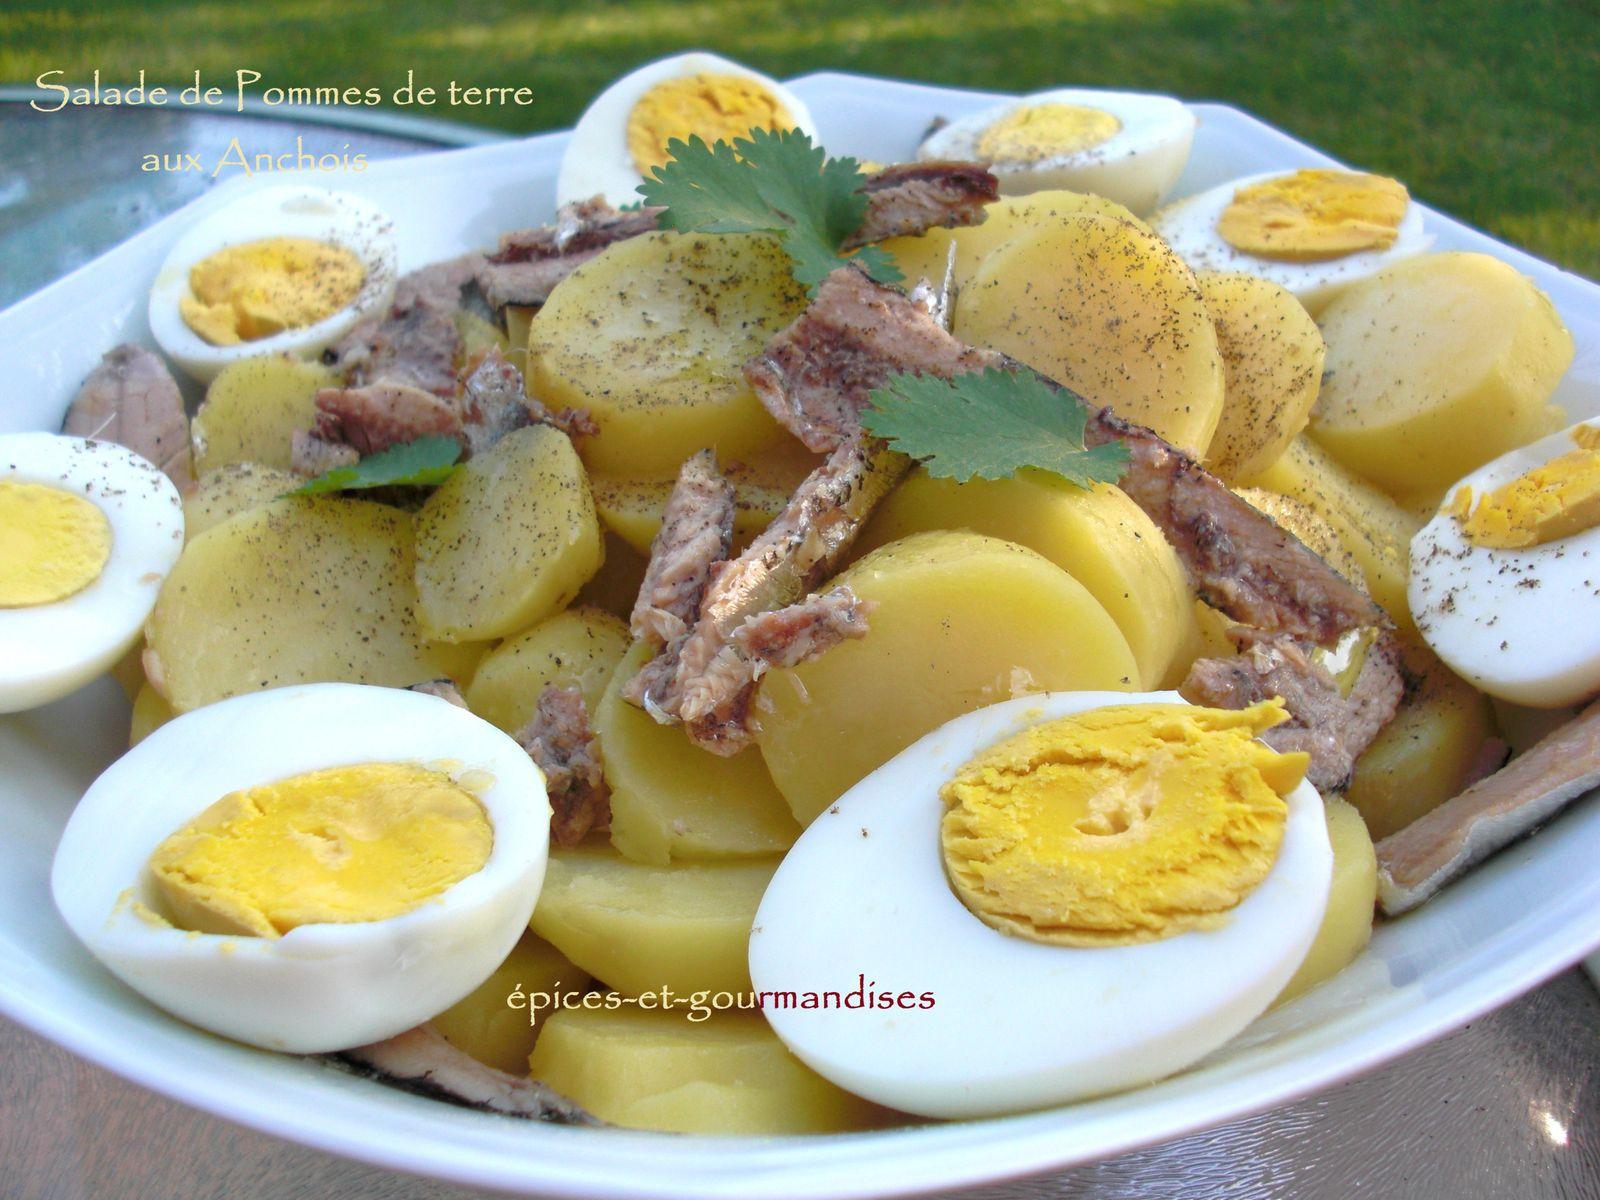 salade de pommes de terre aux anchois pices et gourmandises le blog de mariellen. Black Bedroom Furniture Sets. Home Design Ideas